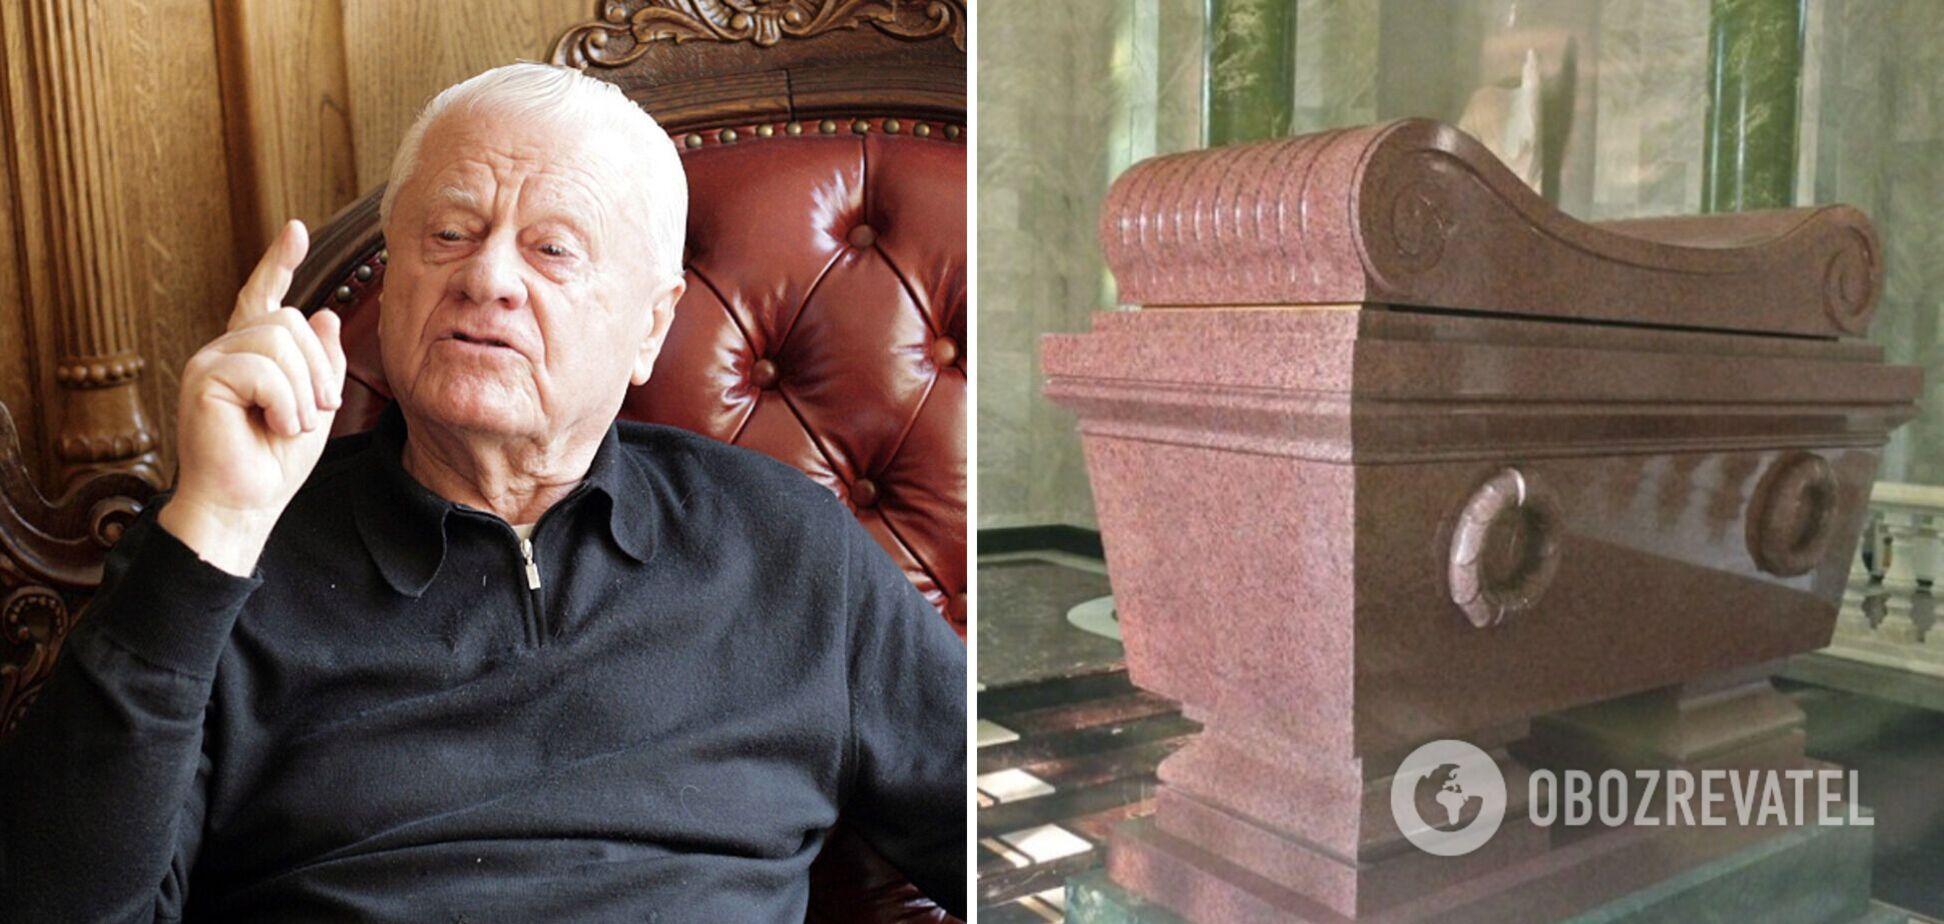 Скандальний аграрій Чернігівщини побудував собі мармурово-золоту 'гробницю Наполеона'. Фото та відео